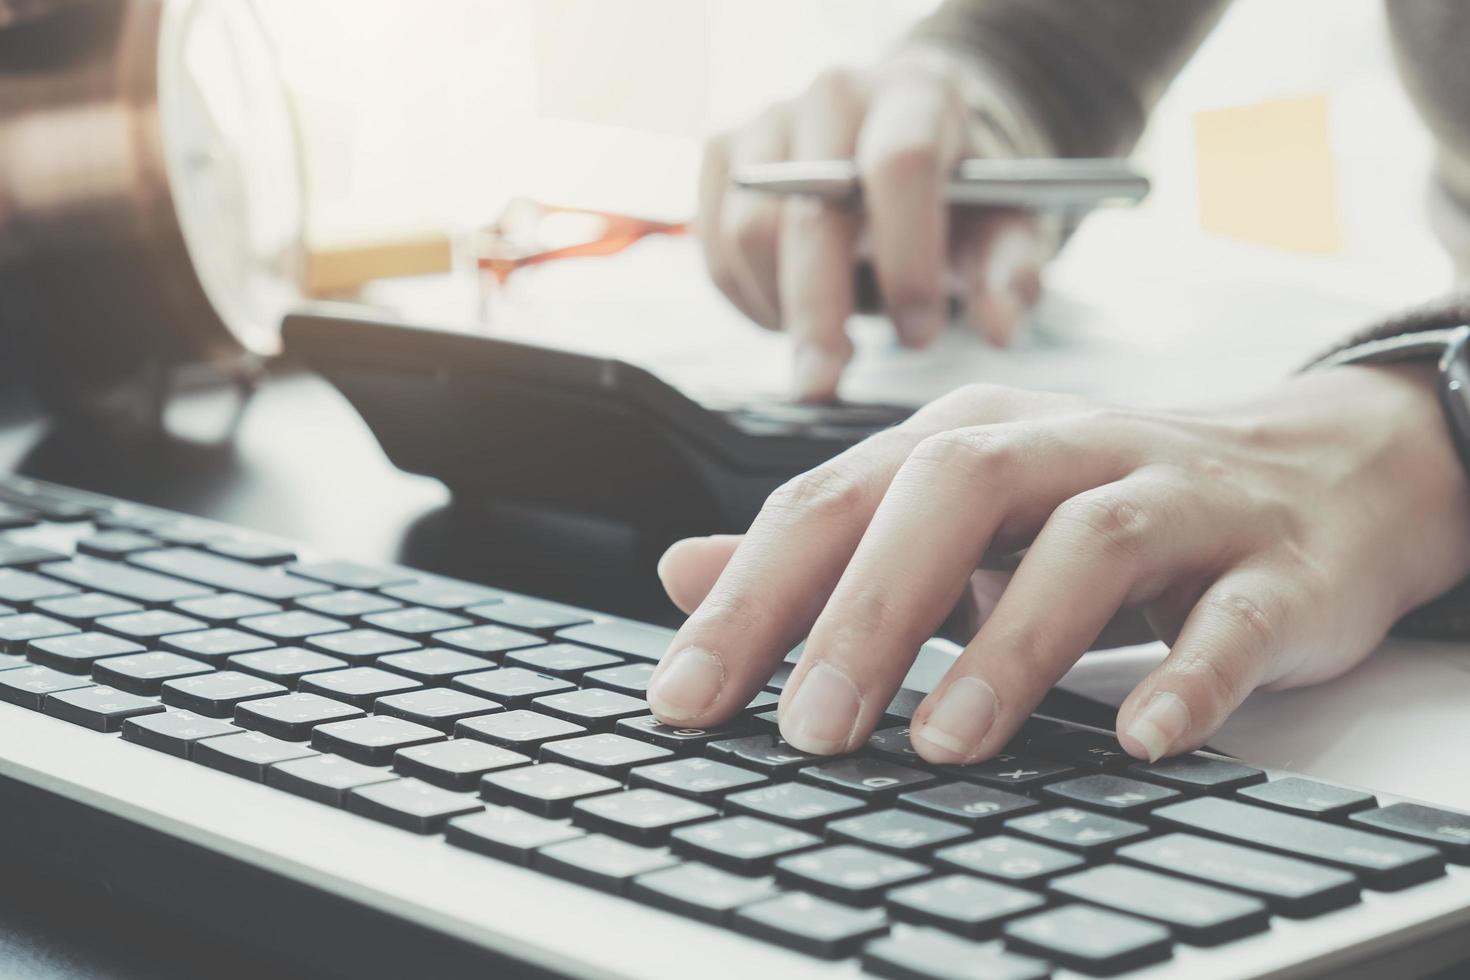 profissional de negócios digitando no teclado enquanto estiver usando a calculadora foto